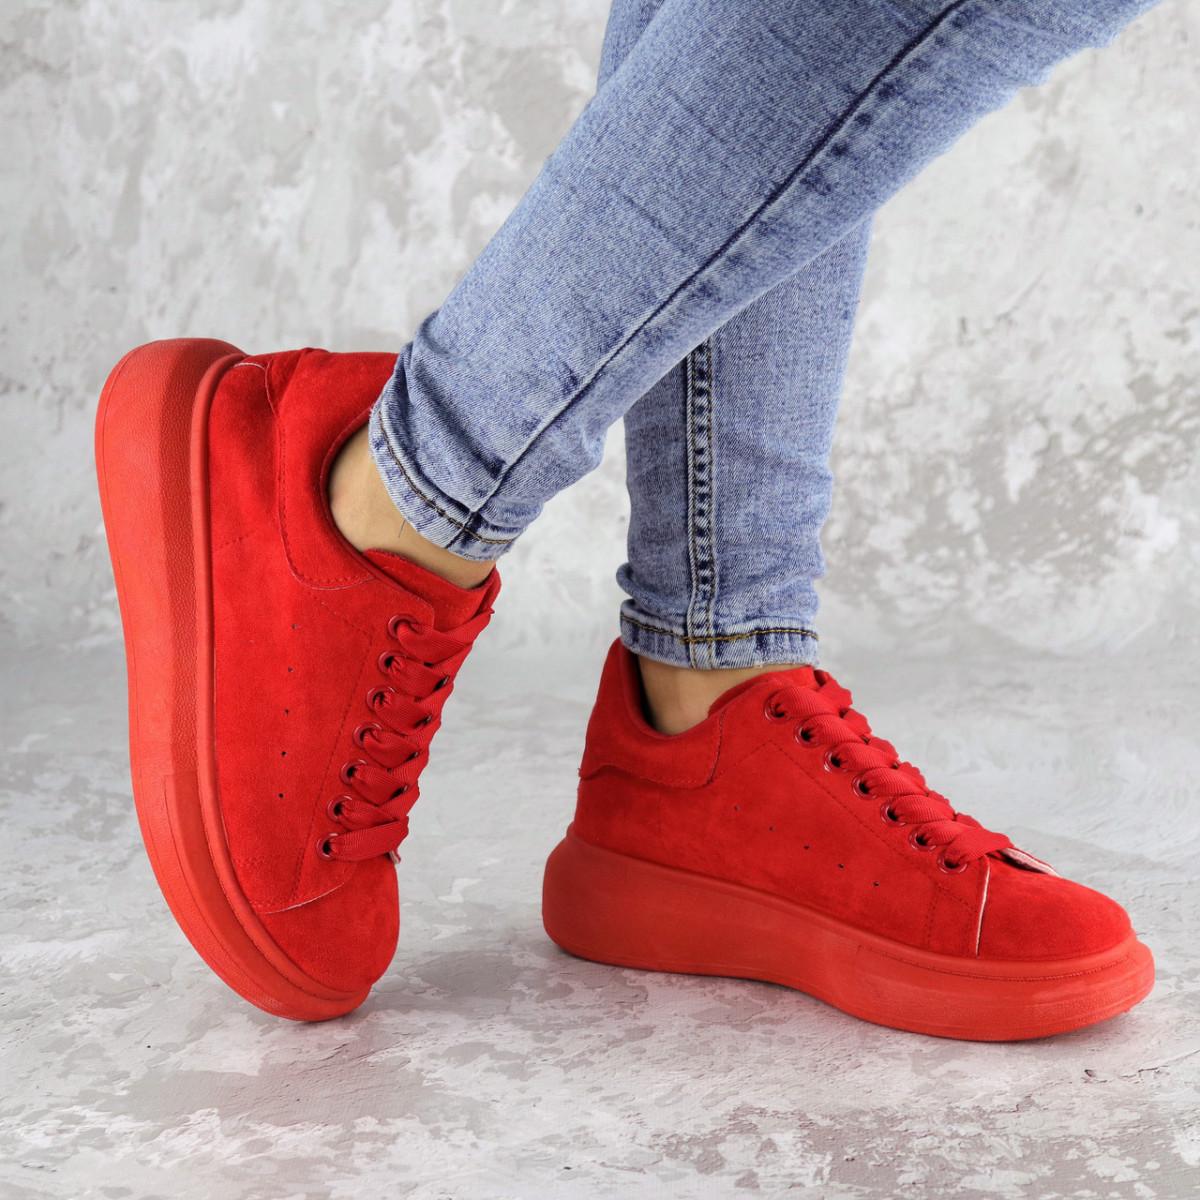 Кроссовки женские красные Cory 2187 (37 размер)